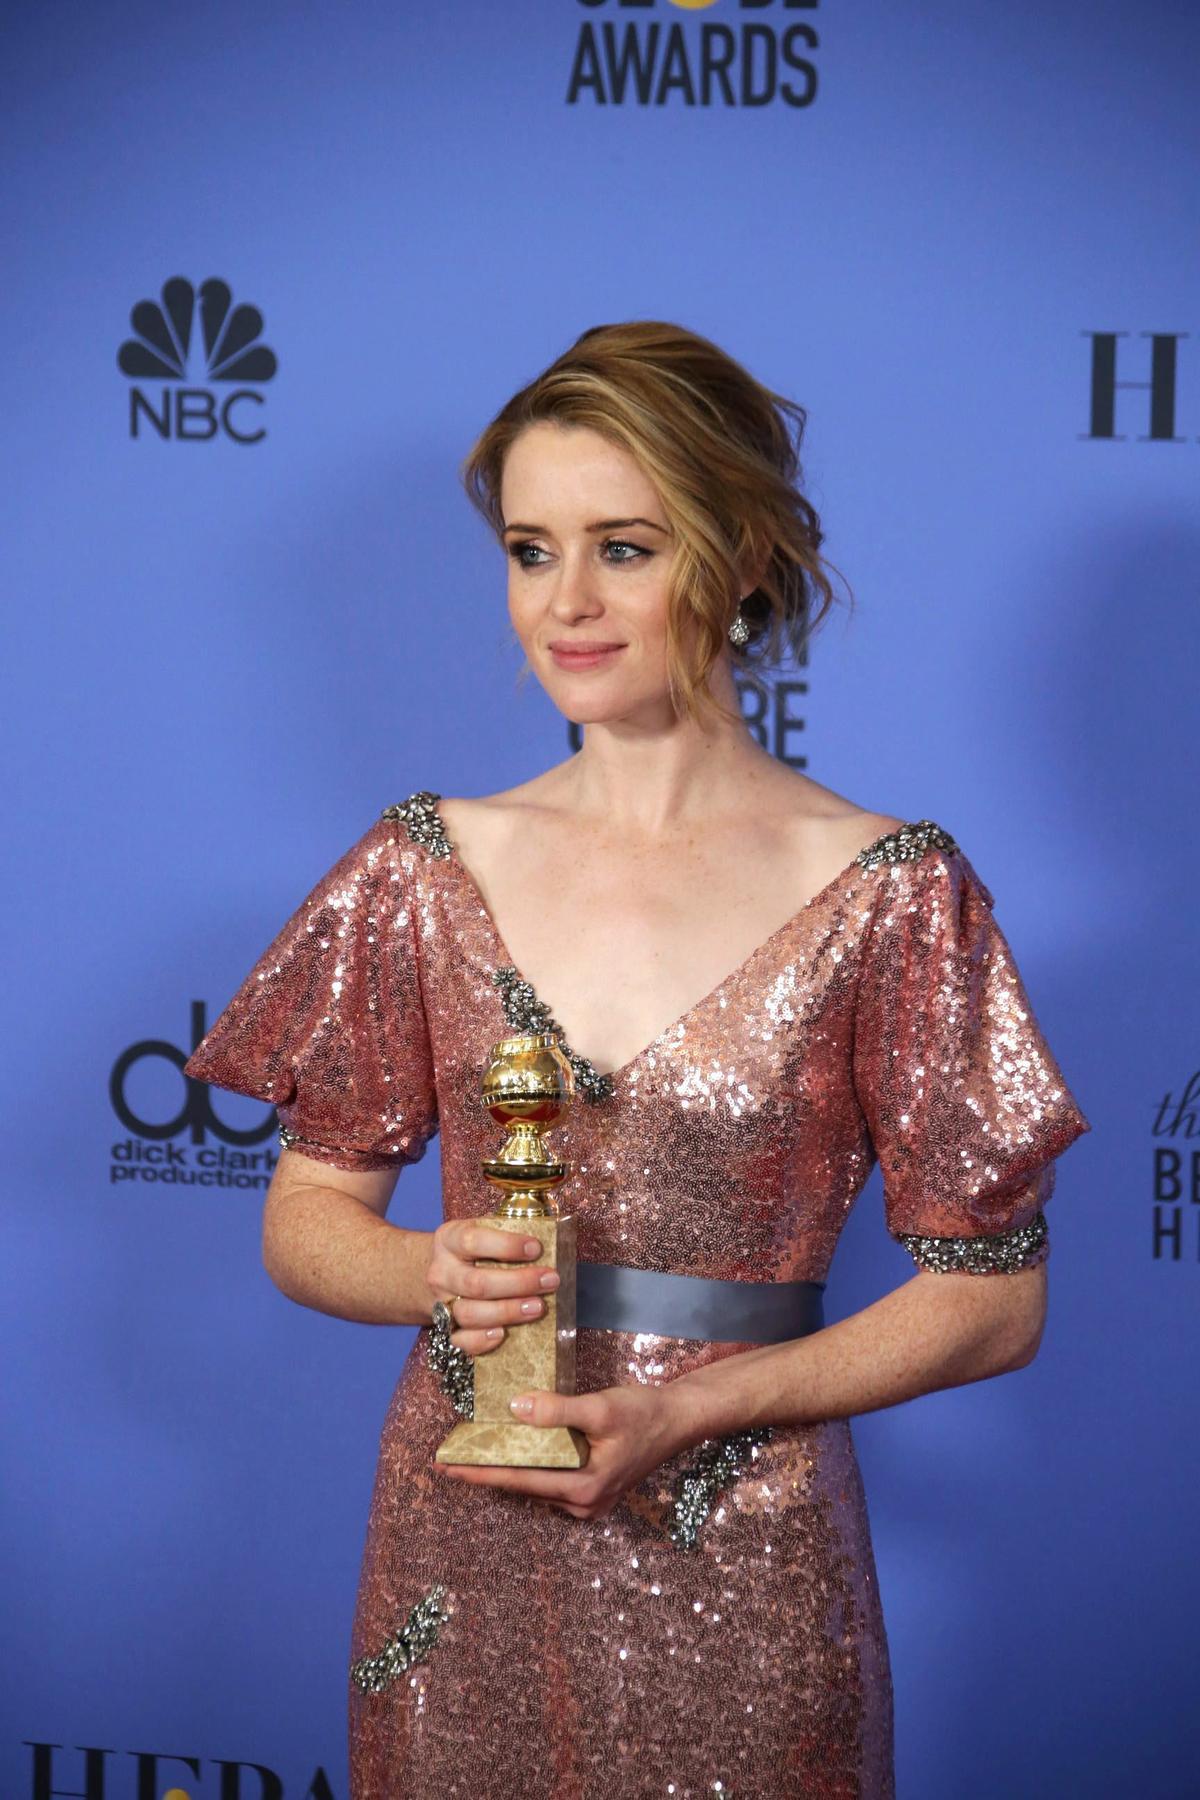 《王冠》的女星克萊兒芙伊(Claire Foy),以詮釋伊莉莎白女皇拿到金球獎電視戲劇類最佳女主角。